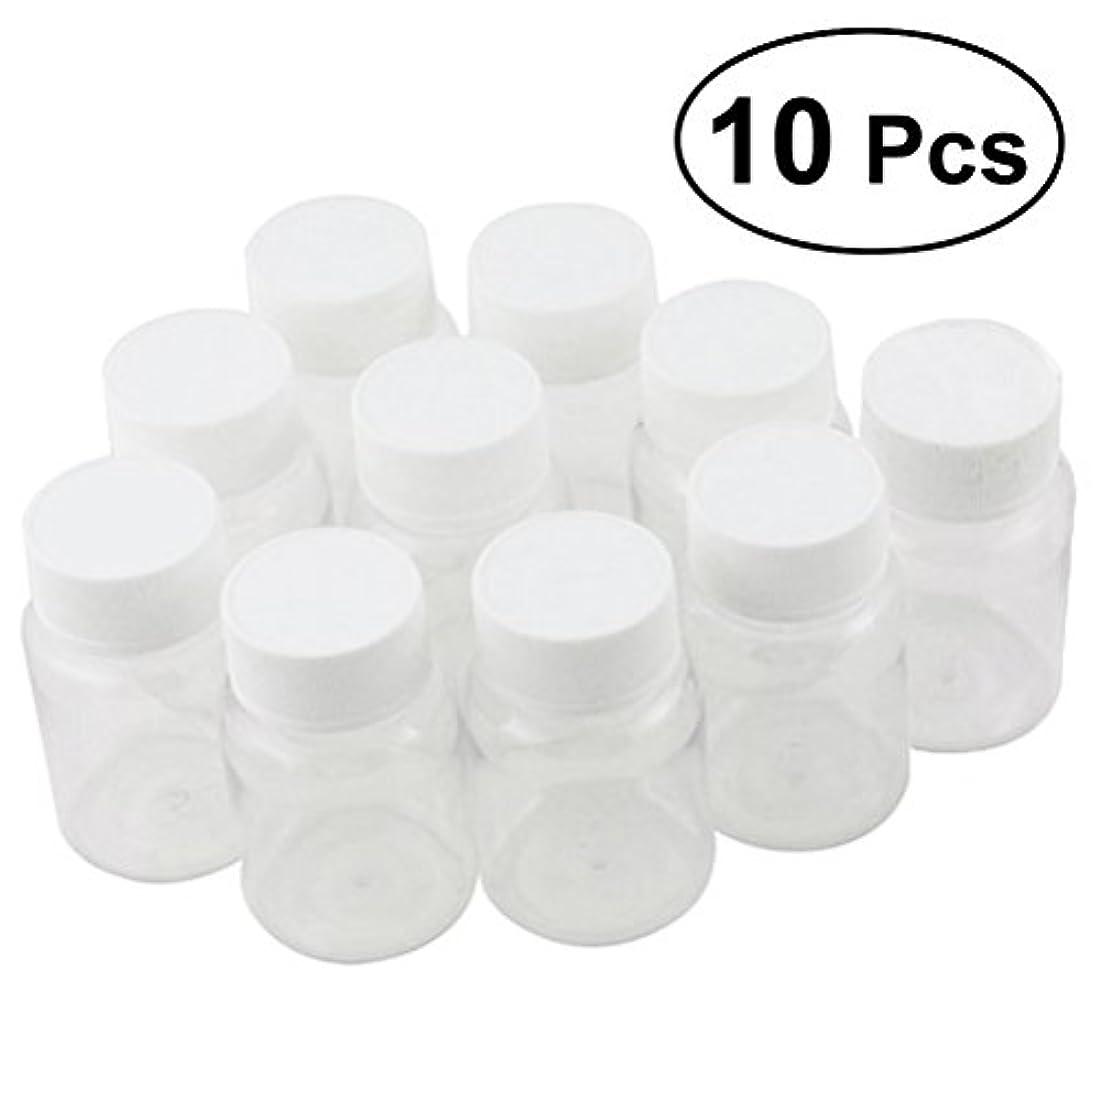 ホイスト使用法一過性ULTNICE 小分けボトル 広口 クリア 詰め替え容器 薬保存 ビーズ収納 液体 10個セット